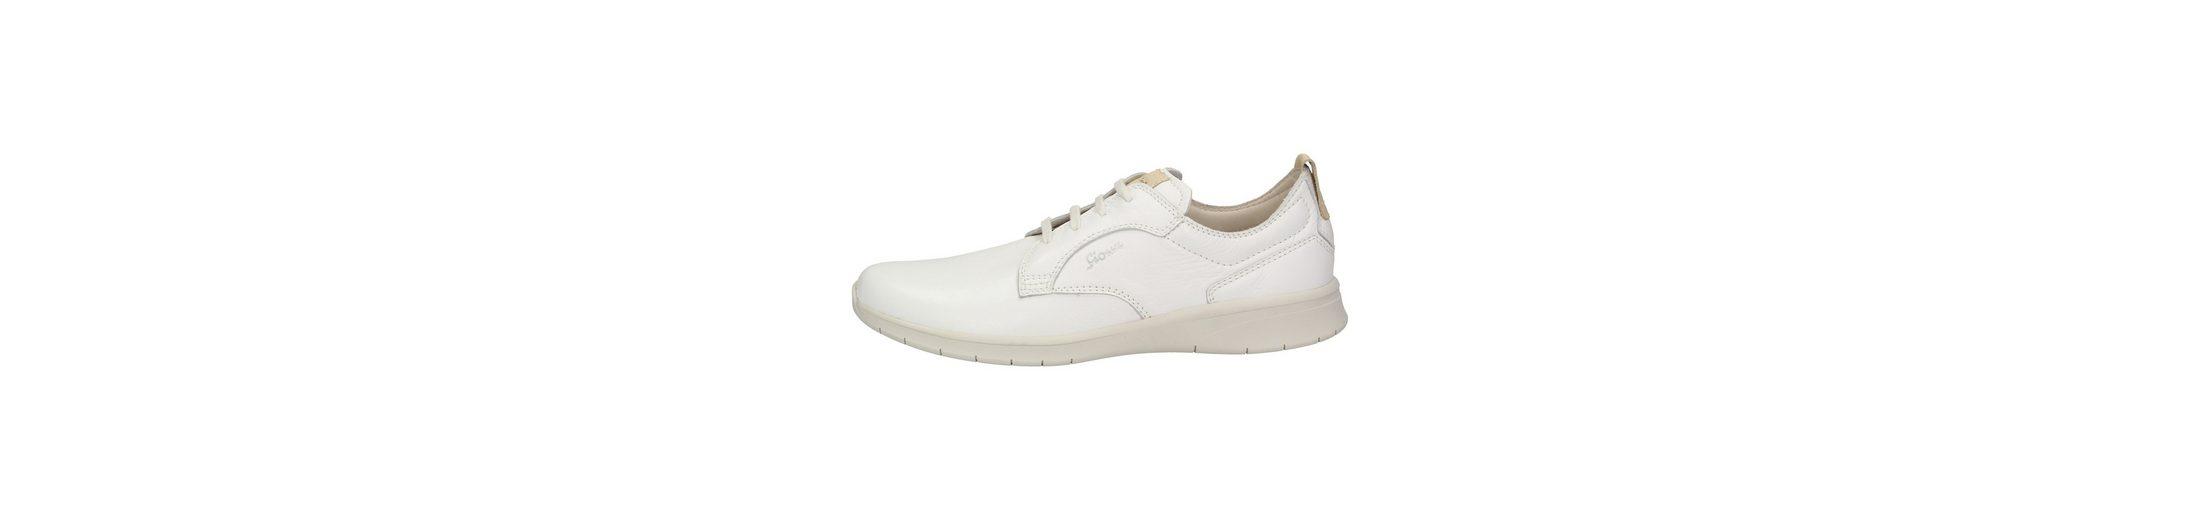 SIOUX Heimito-700-XL Sneaker Spielraum Großer Verkauf Auslass-Angebote Liefern Online Verbilligte Günstig Kaufen Neueste sljJr0yhs1